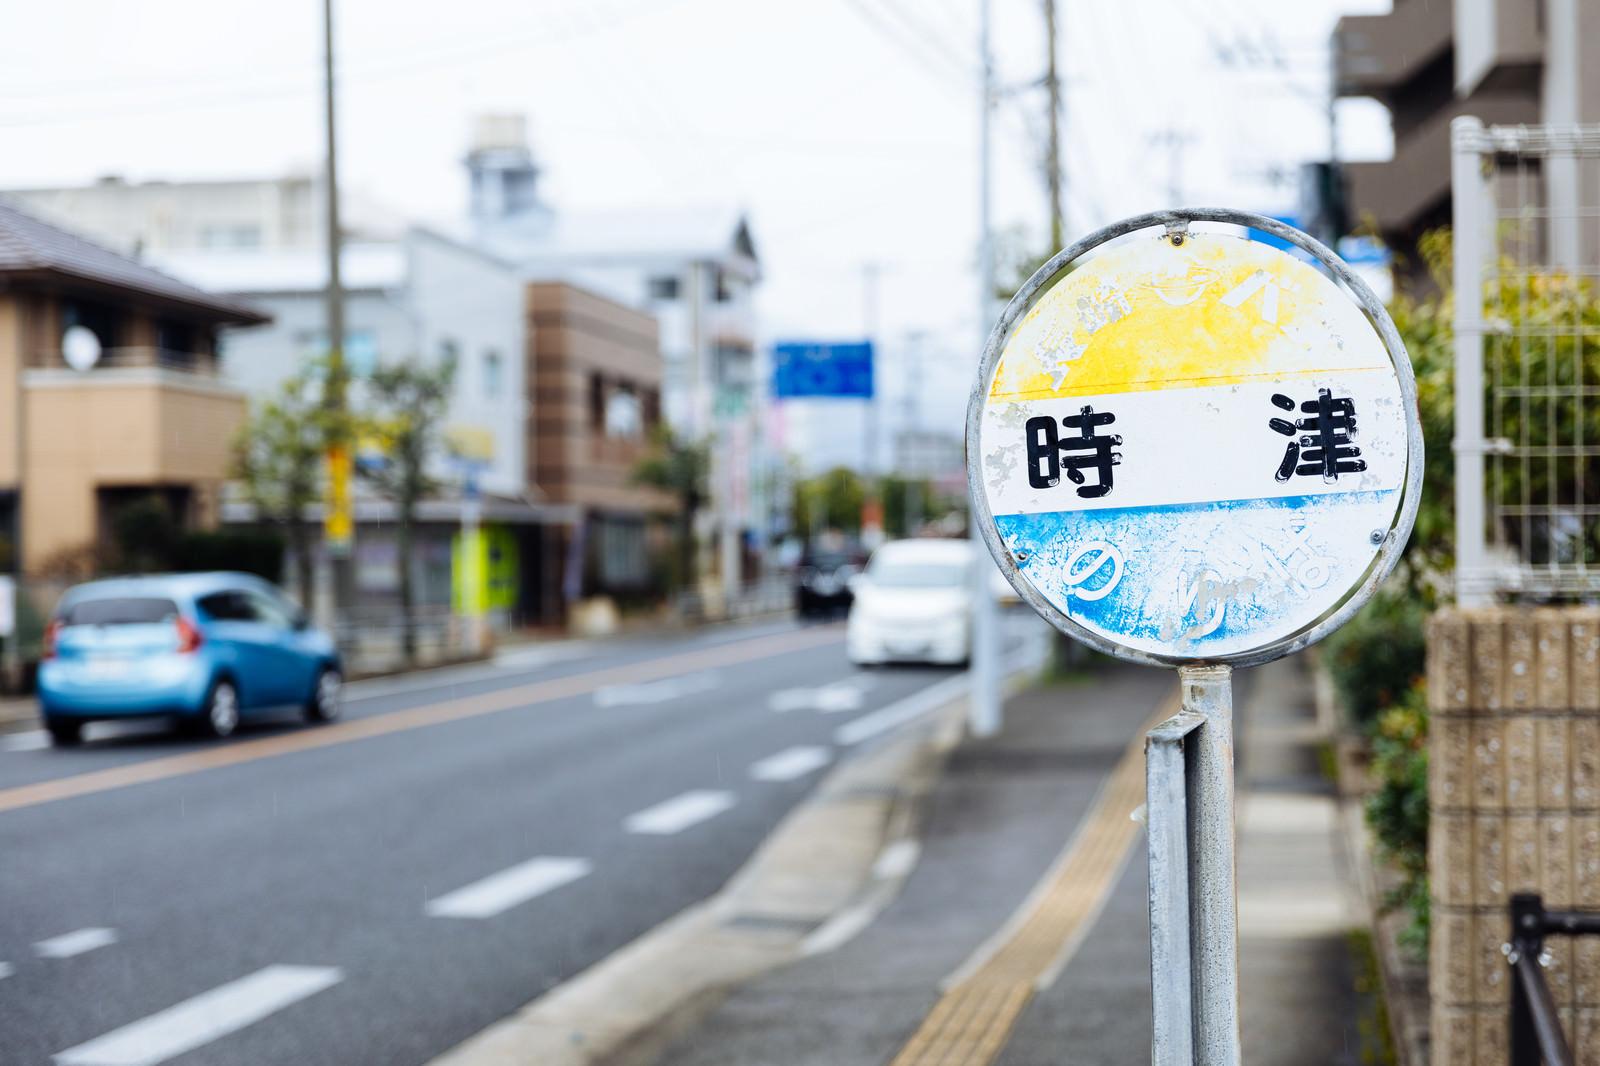 「時津と書かれたバス停留所」の写真